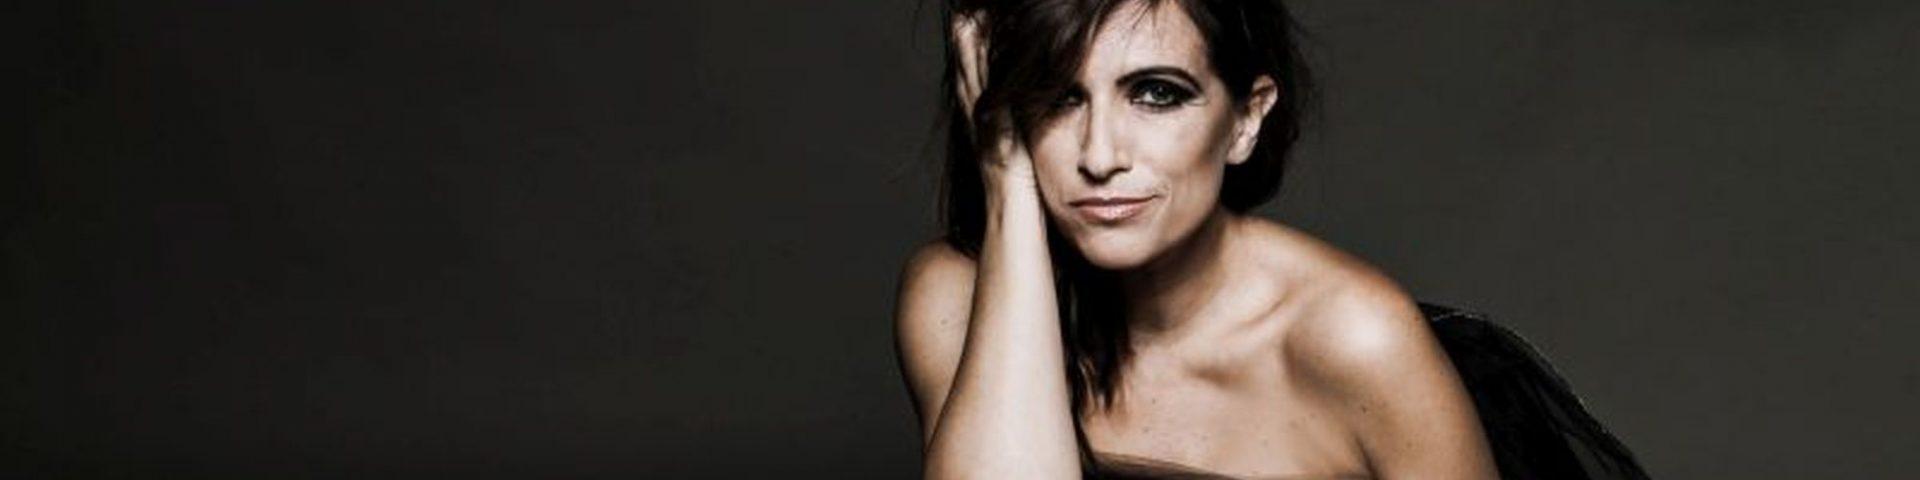 """Veronica Pompeo: """"Matera mi ha insegnato ad apprezzare la bellezza"""" - Video Intervista"""